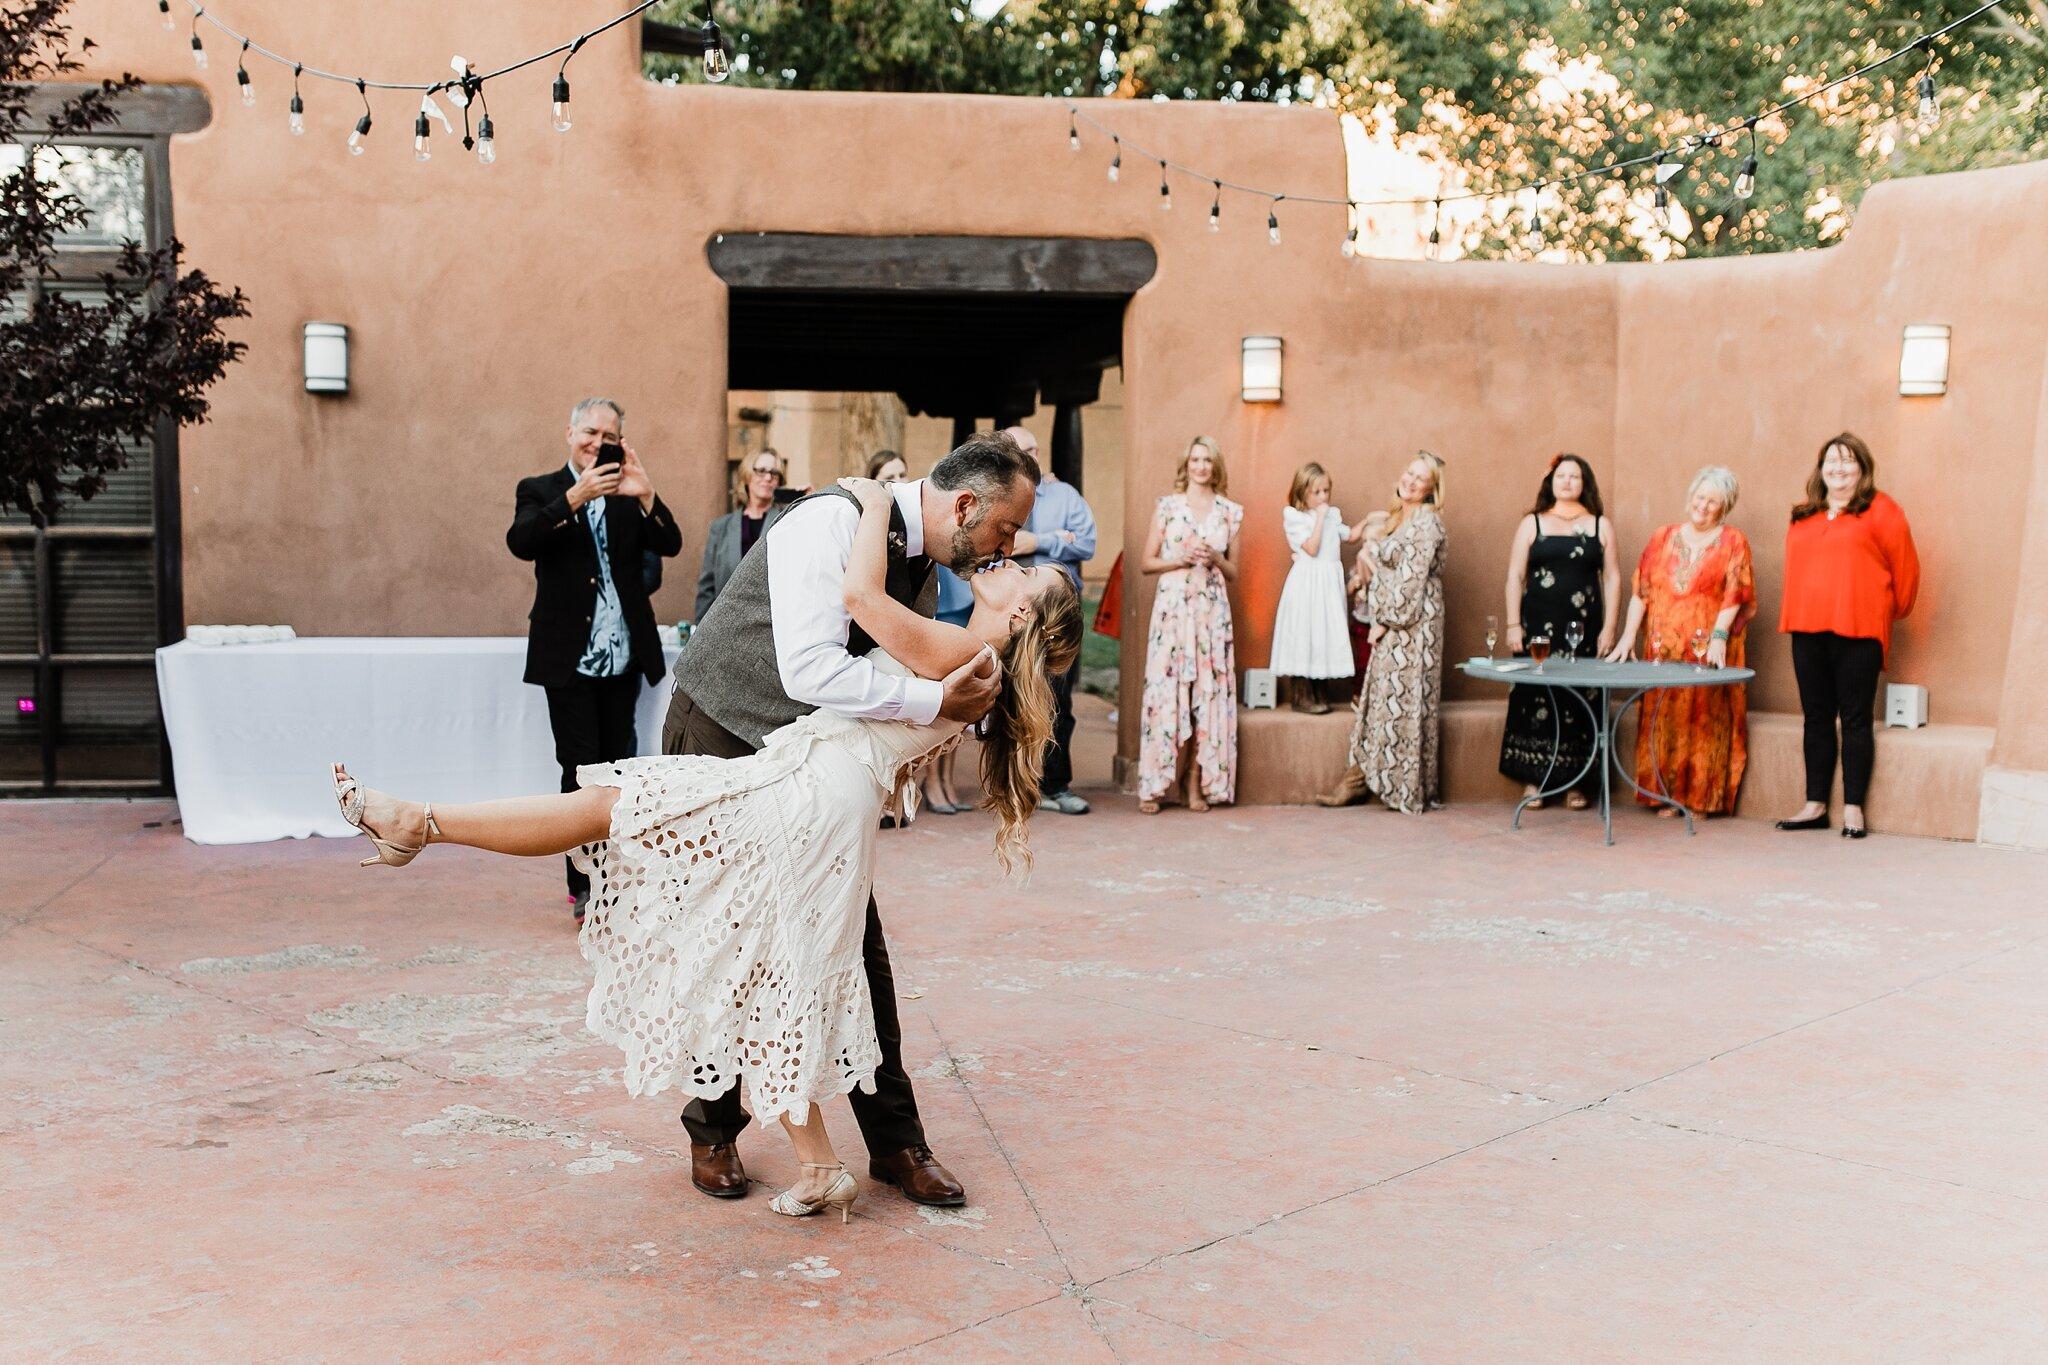 Alicia+lucia+photography+-+albuquerque+wedding+photographer+-+santa+fe+wedding+photography+-+new+mexico+wedding+photographer+-+new+mexico+wedding+-+wedding+-+santa+fe+wedding+-+ghost+ranch+-+ghost+ranch+wedding+-+fall+wedding_0087.jpg